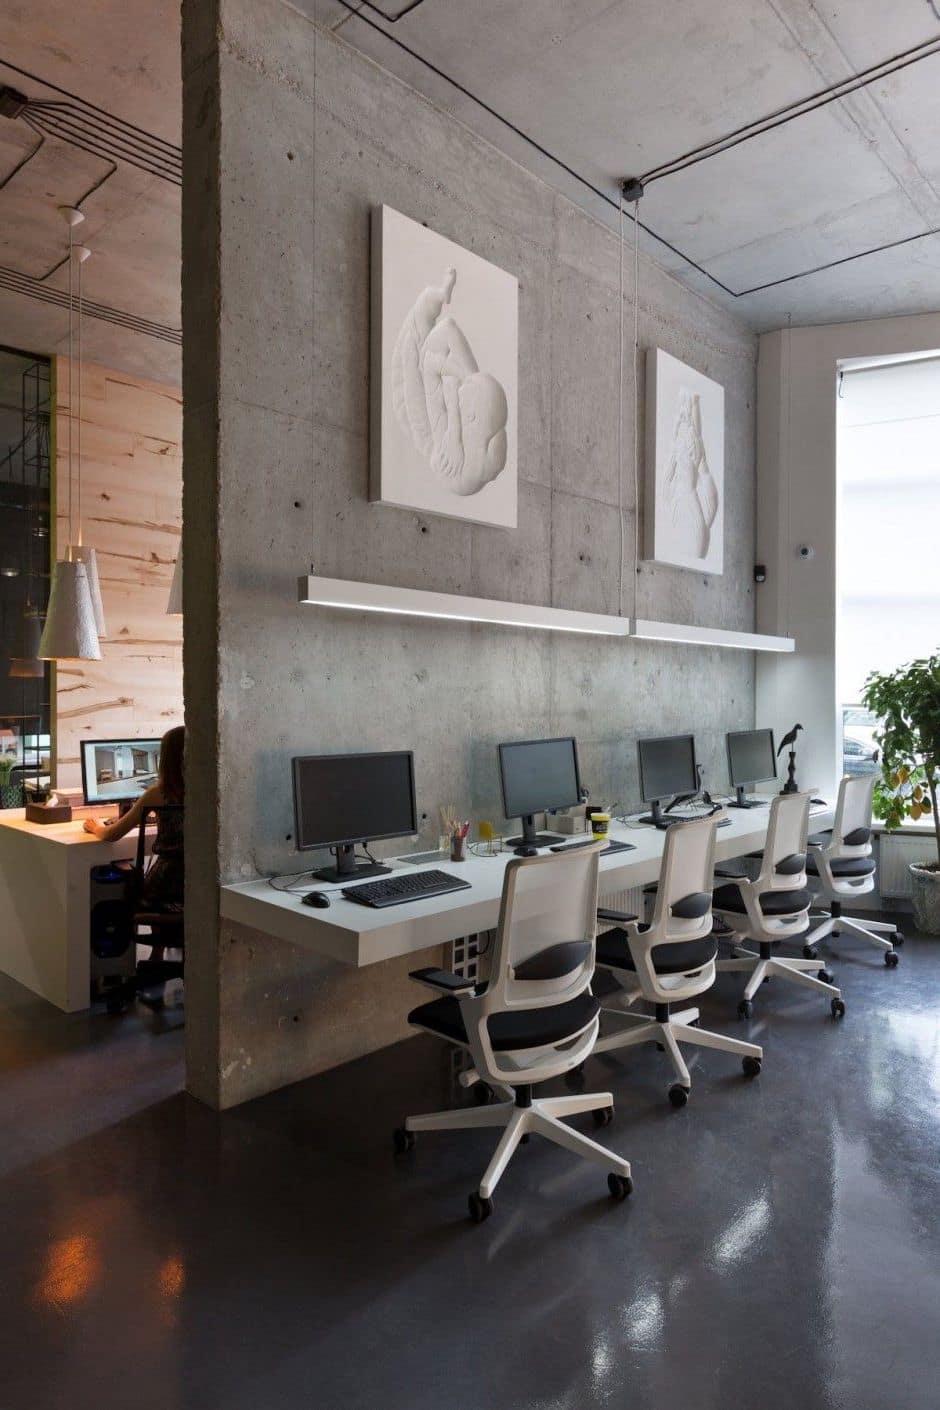 При желании межкомнатную бетонную перегородку можно оставить без отделки, главно чтобы она гармонично вписывалась в общий интерьер